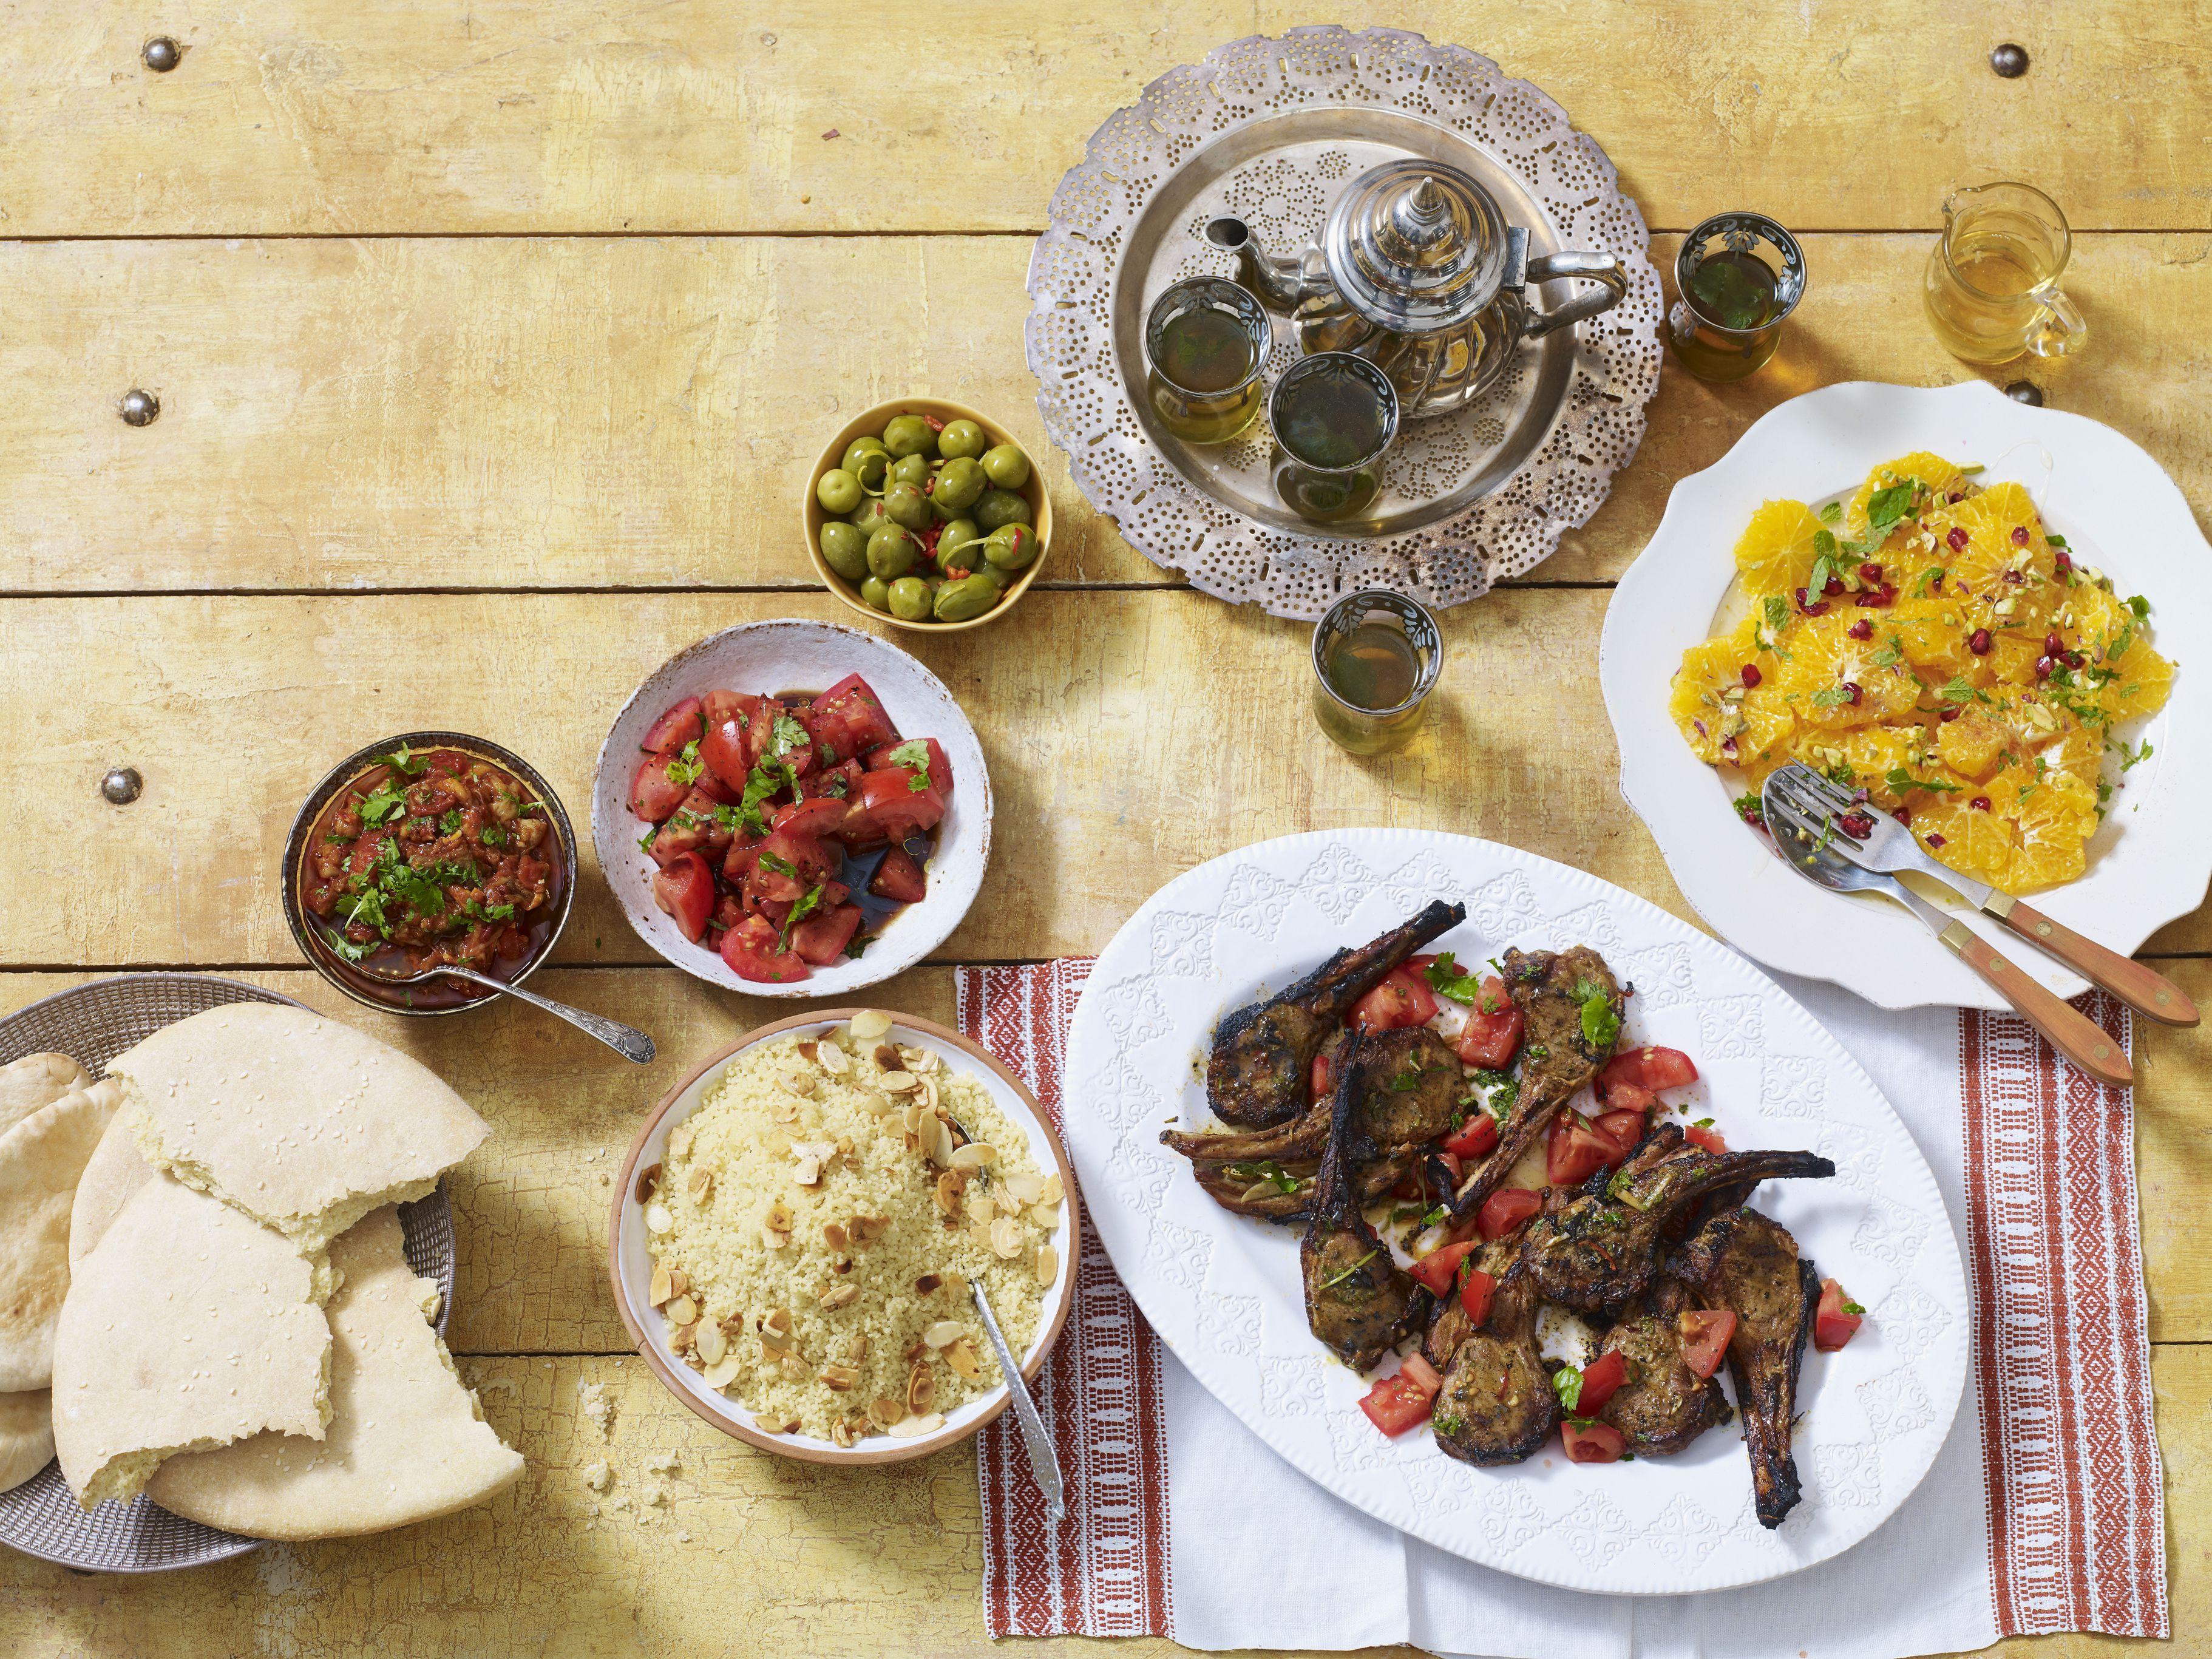 Una cena tradicional marroquí